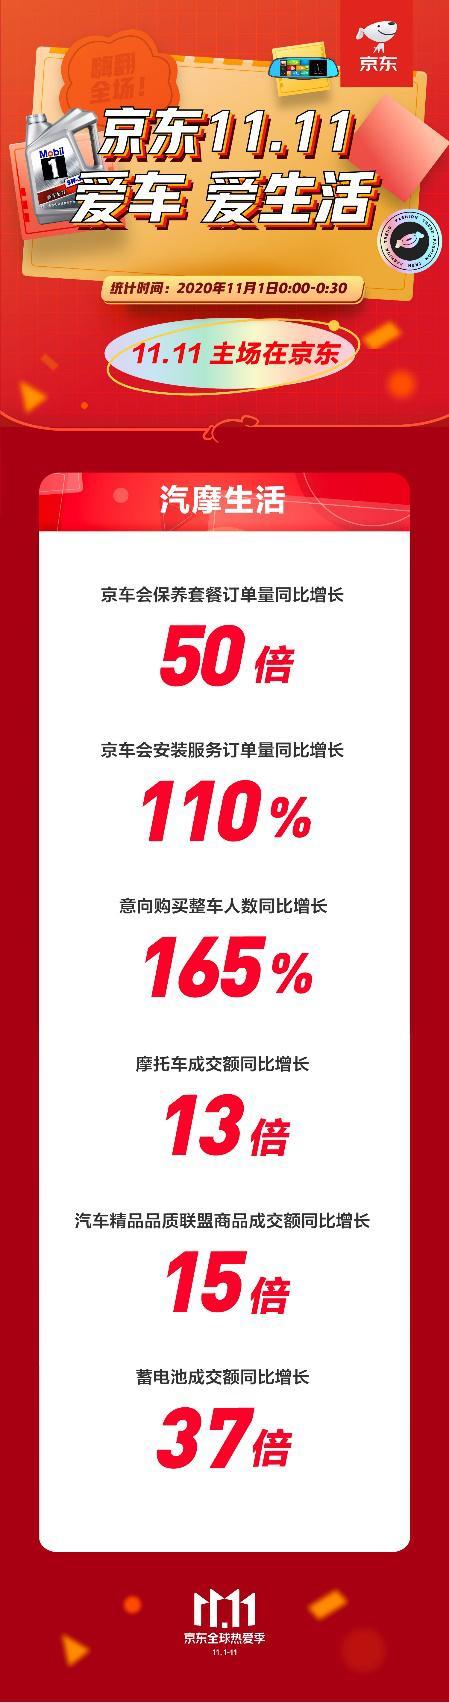 保养套餐订单量同比增长近50倍!京东11.11首日汽车品类表现抢眼